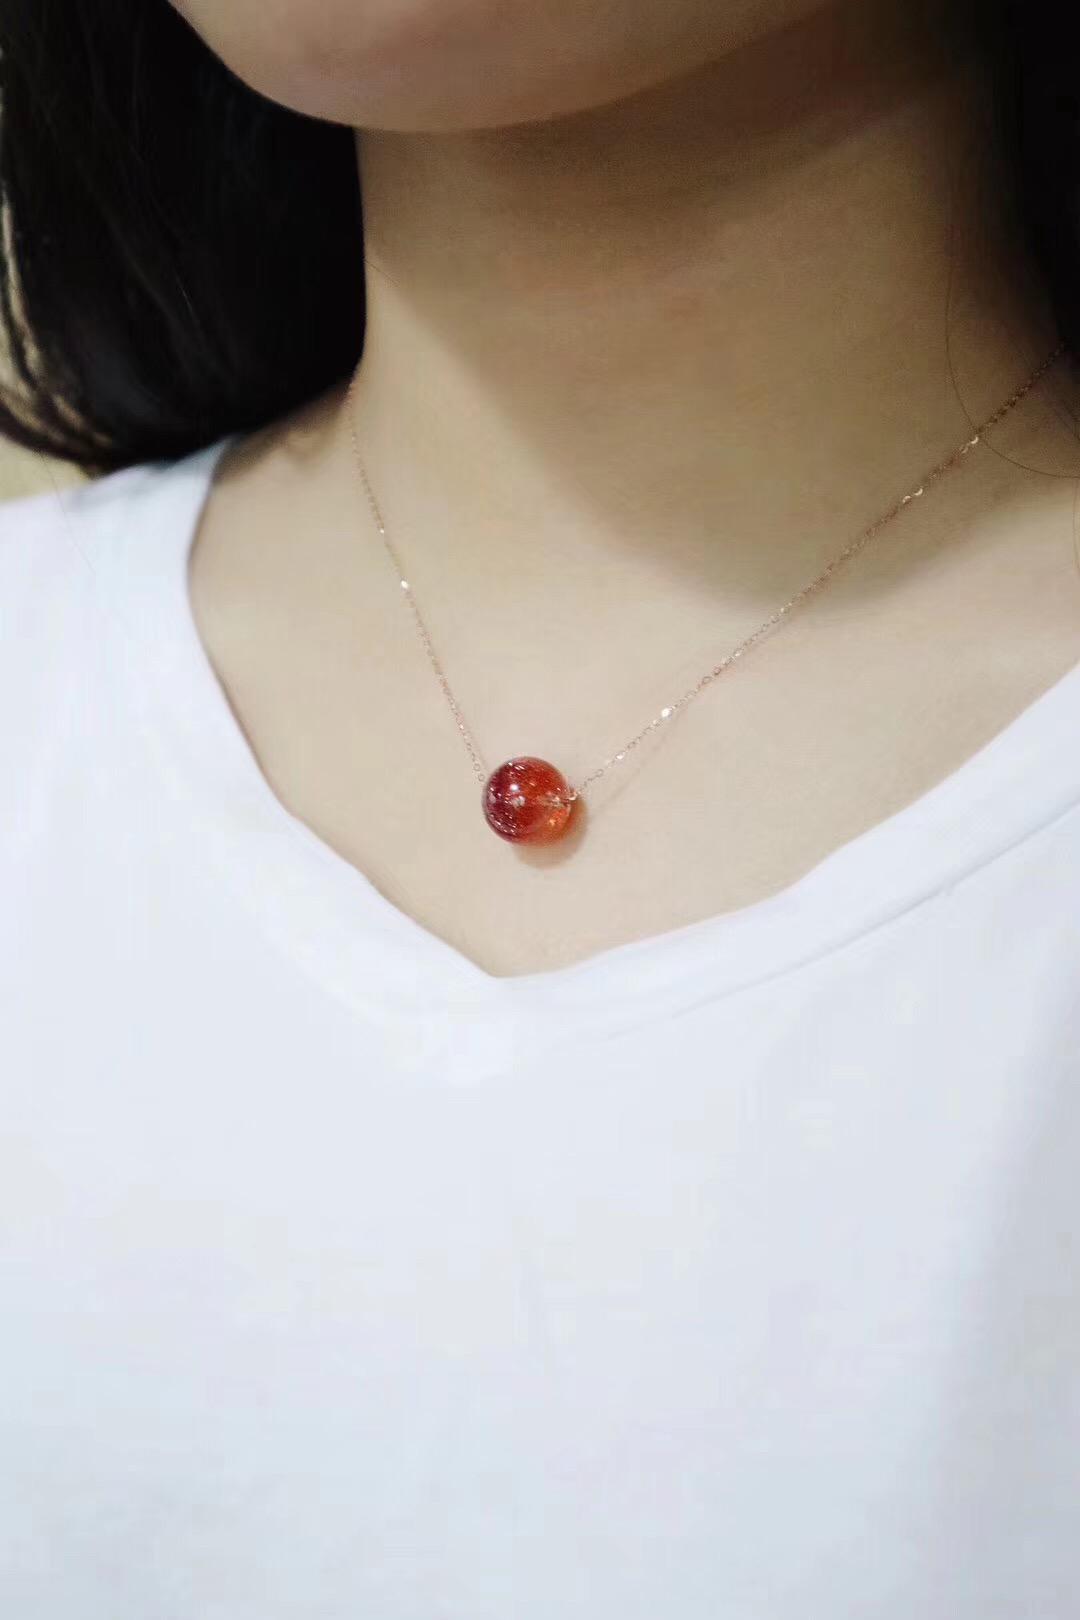 【金草莓晶】 任红尘喧嚣,我自岿然逍遥~~-菩心晶舍